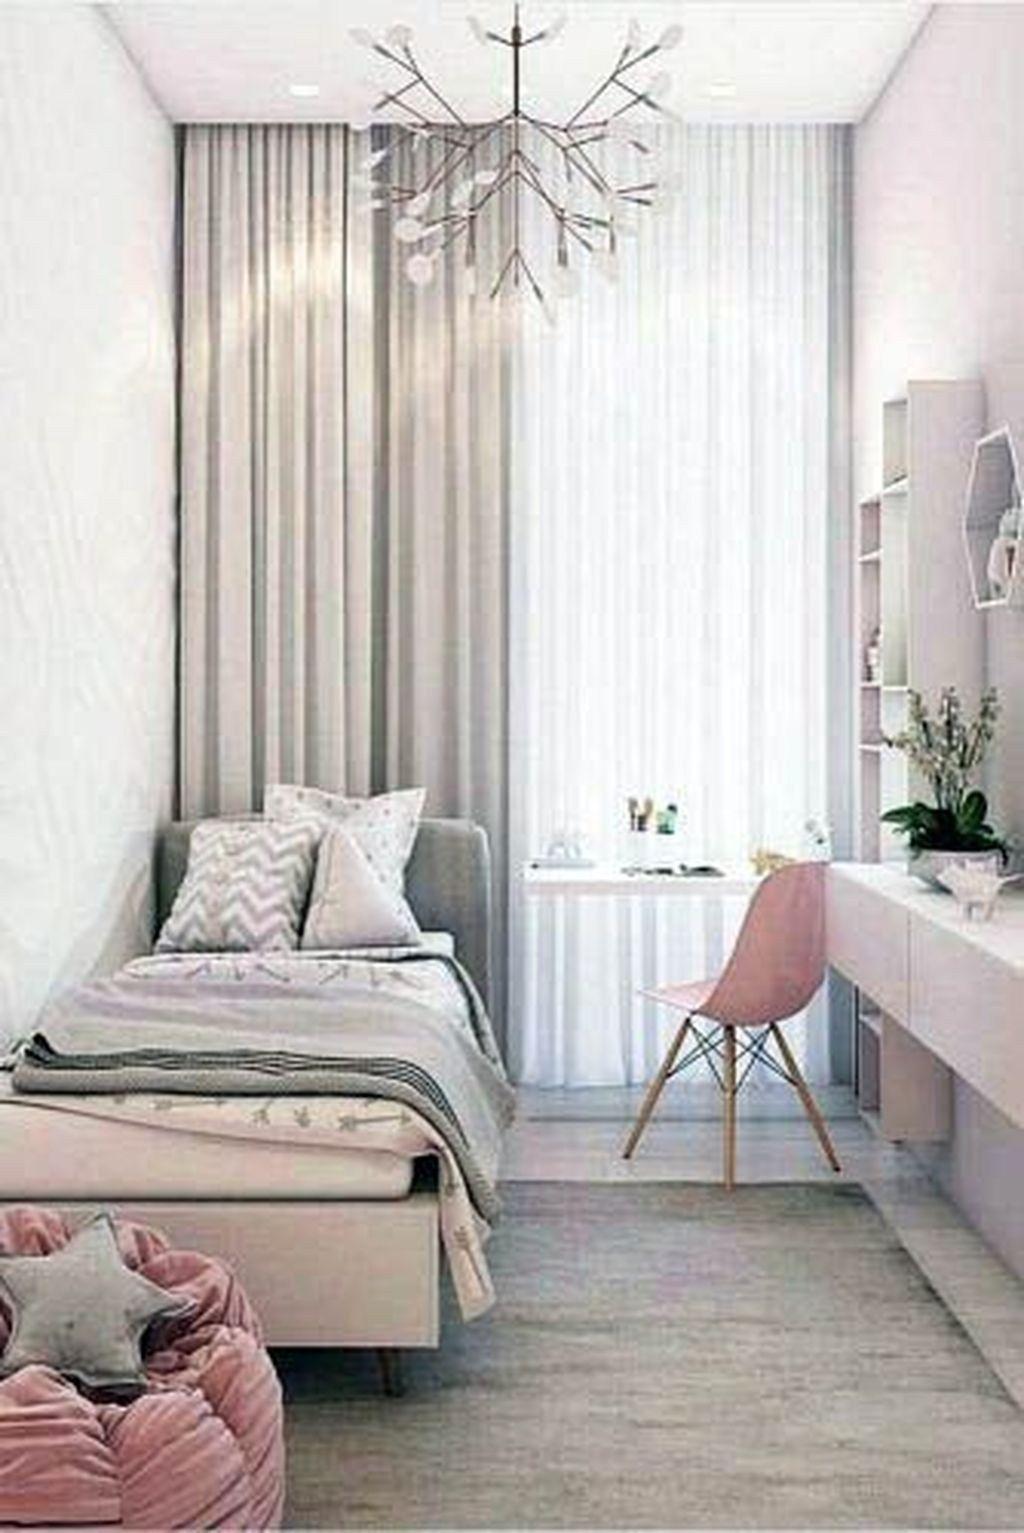 20 Moderne Farbenfrohen Schlafzimmer Deko Ideen Fur Kinder 11 Sobald Sie Wissen Was Ihr Kind S Phantasie Ist Zimmer Einrichten Wohnung Kleine Wohnung